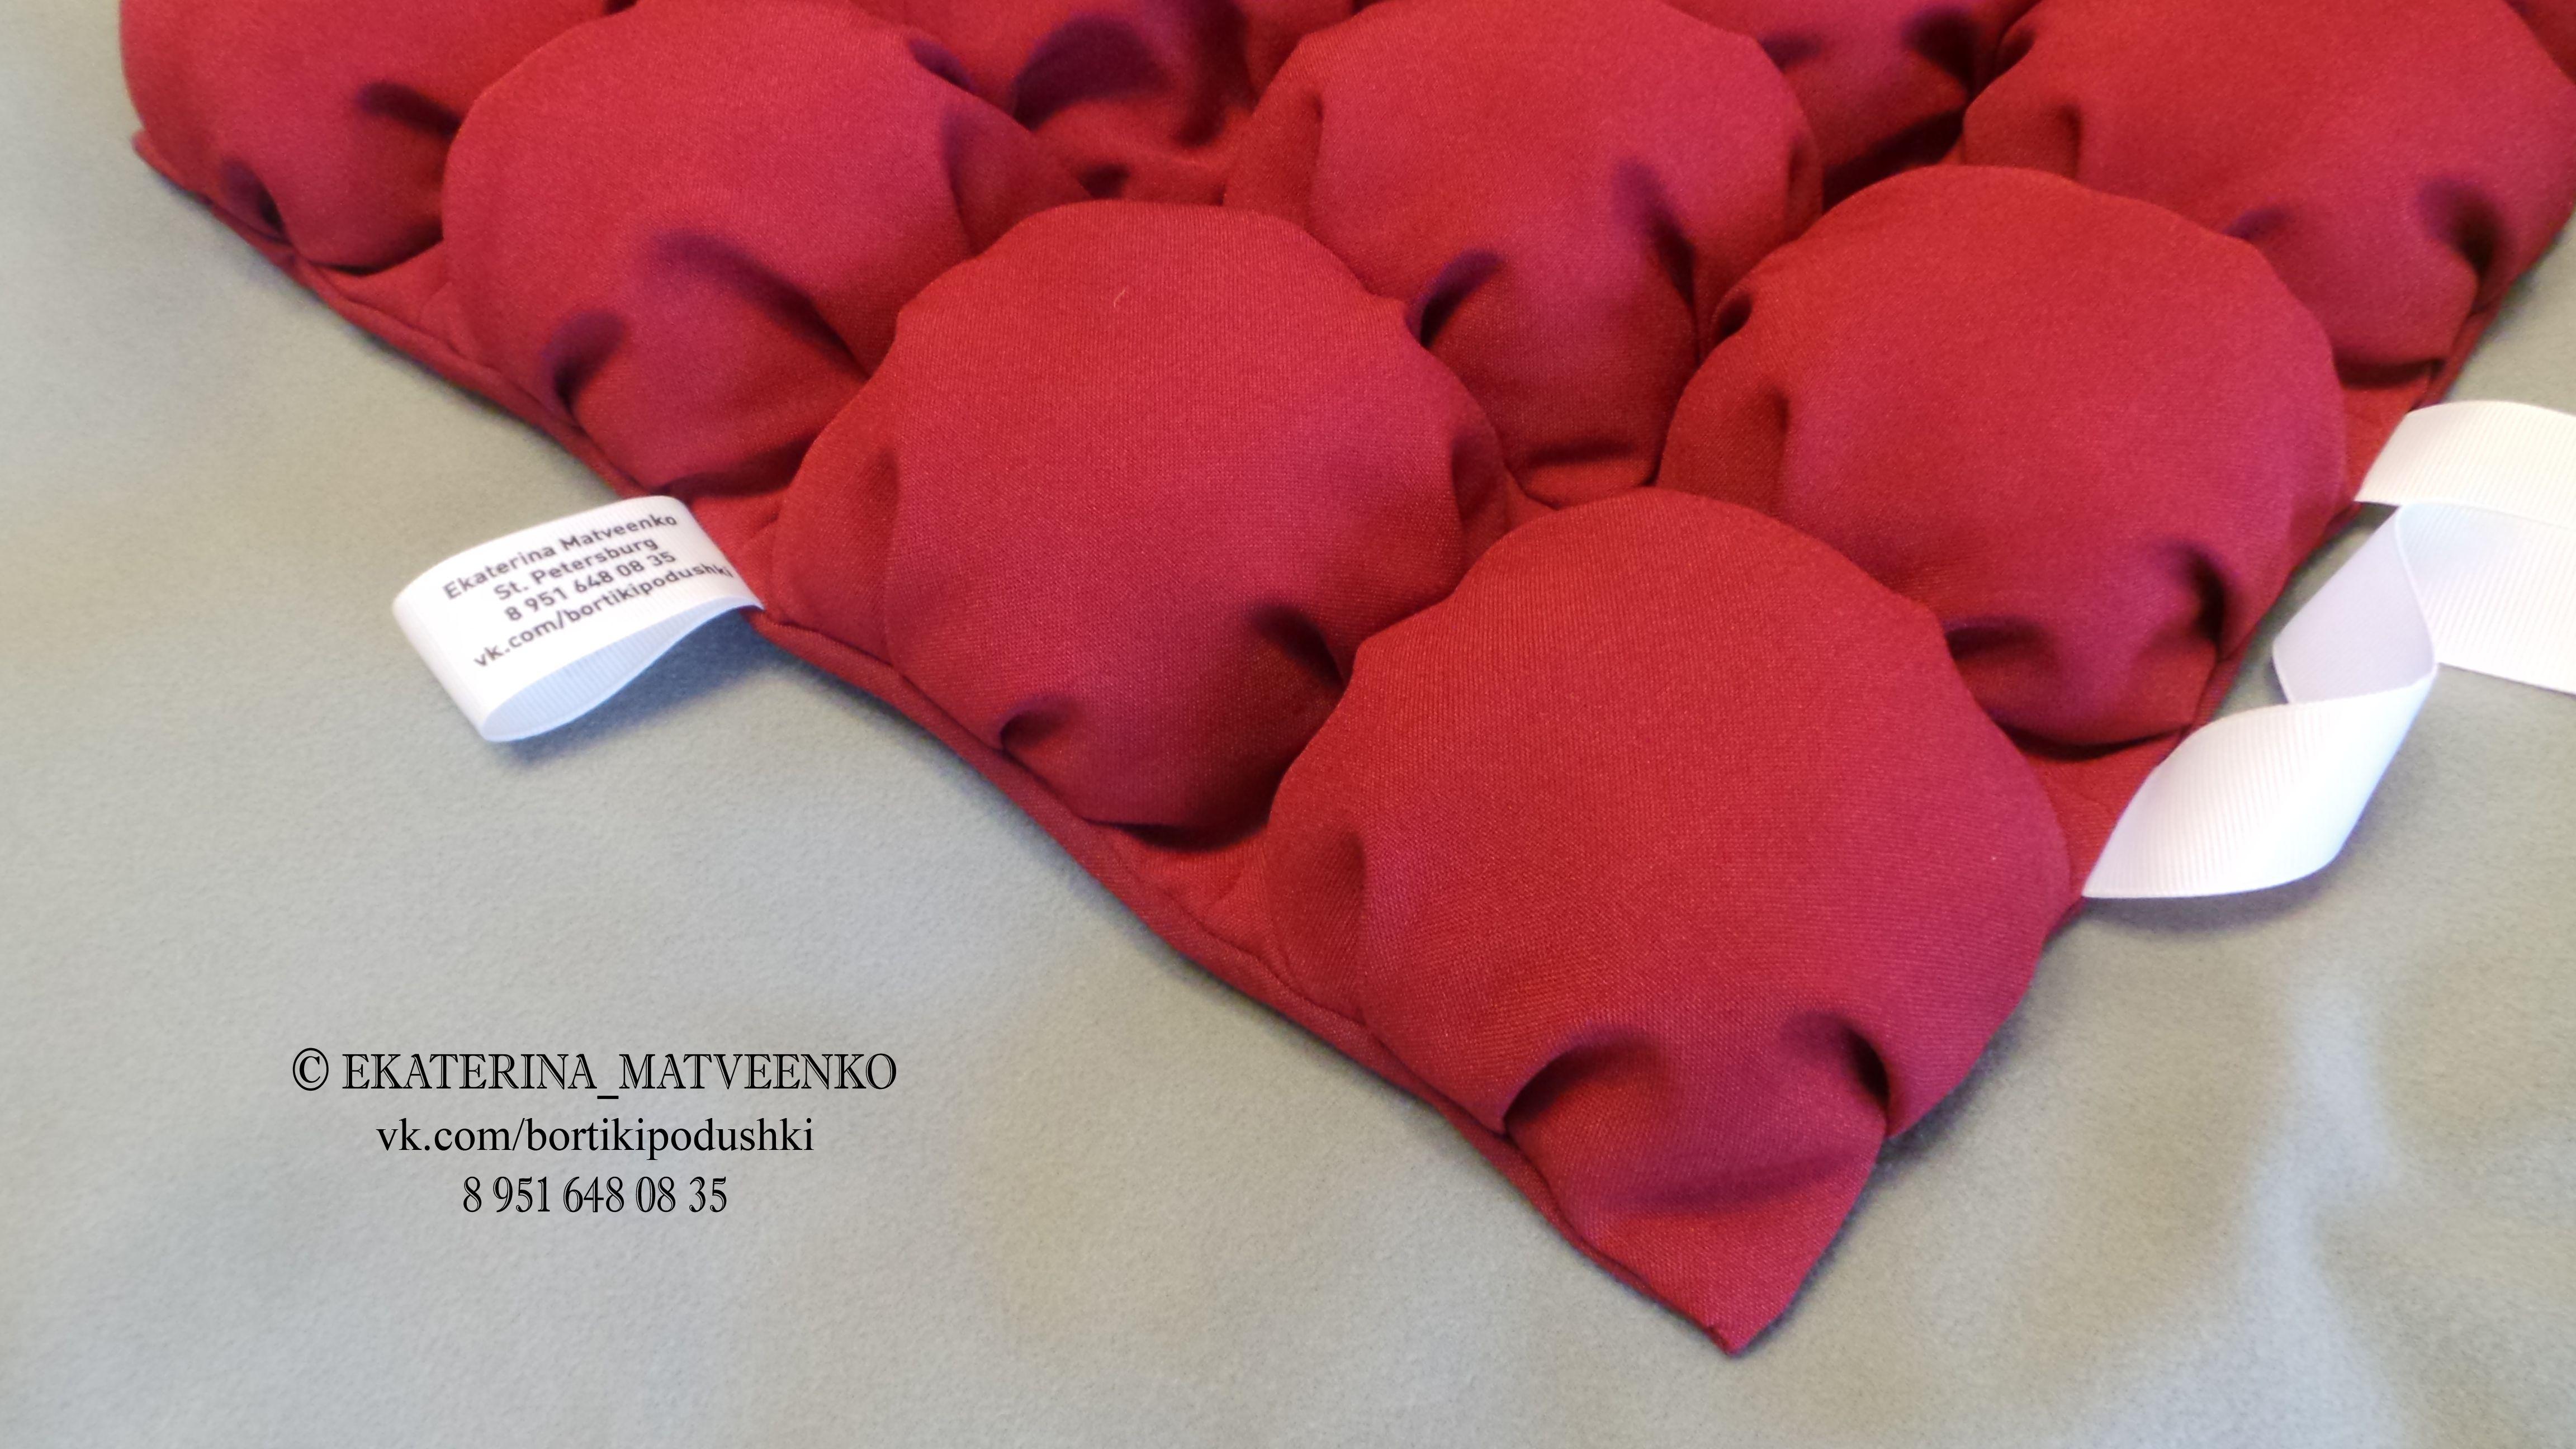 бортикибомбон сидушки одеяла зефирные бортики бомбон